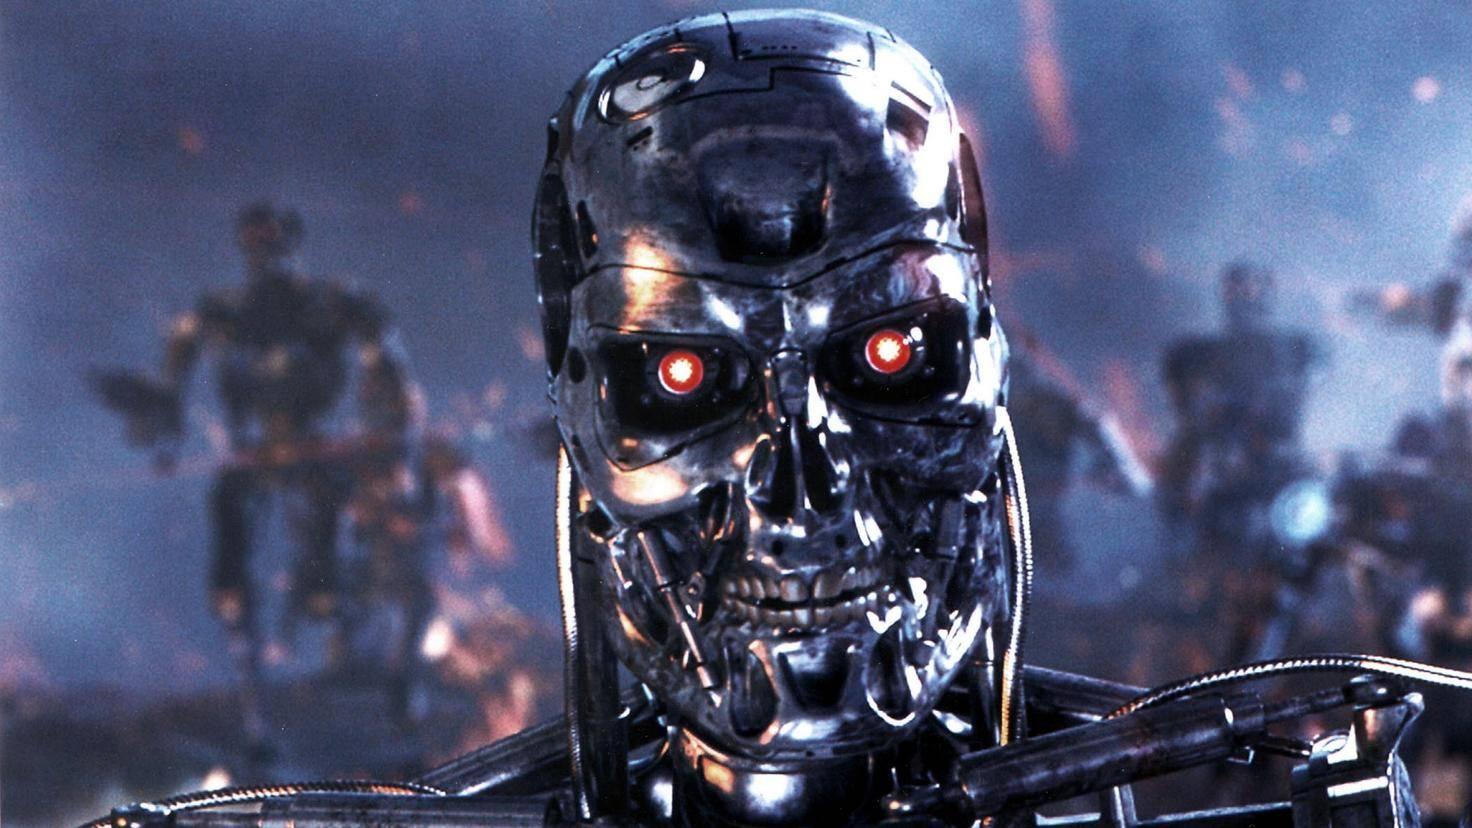 Dass eine Künstliche Intelligenz ausgerechnet wie der Terminator aussieht, ist mehr als unwahrscheinlich.